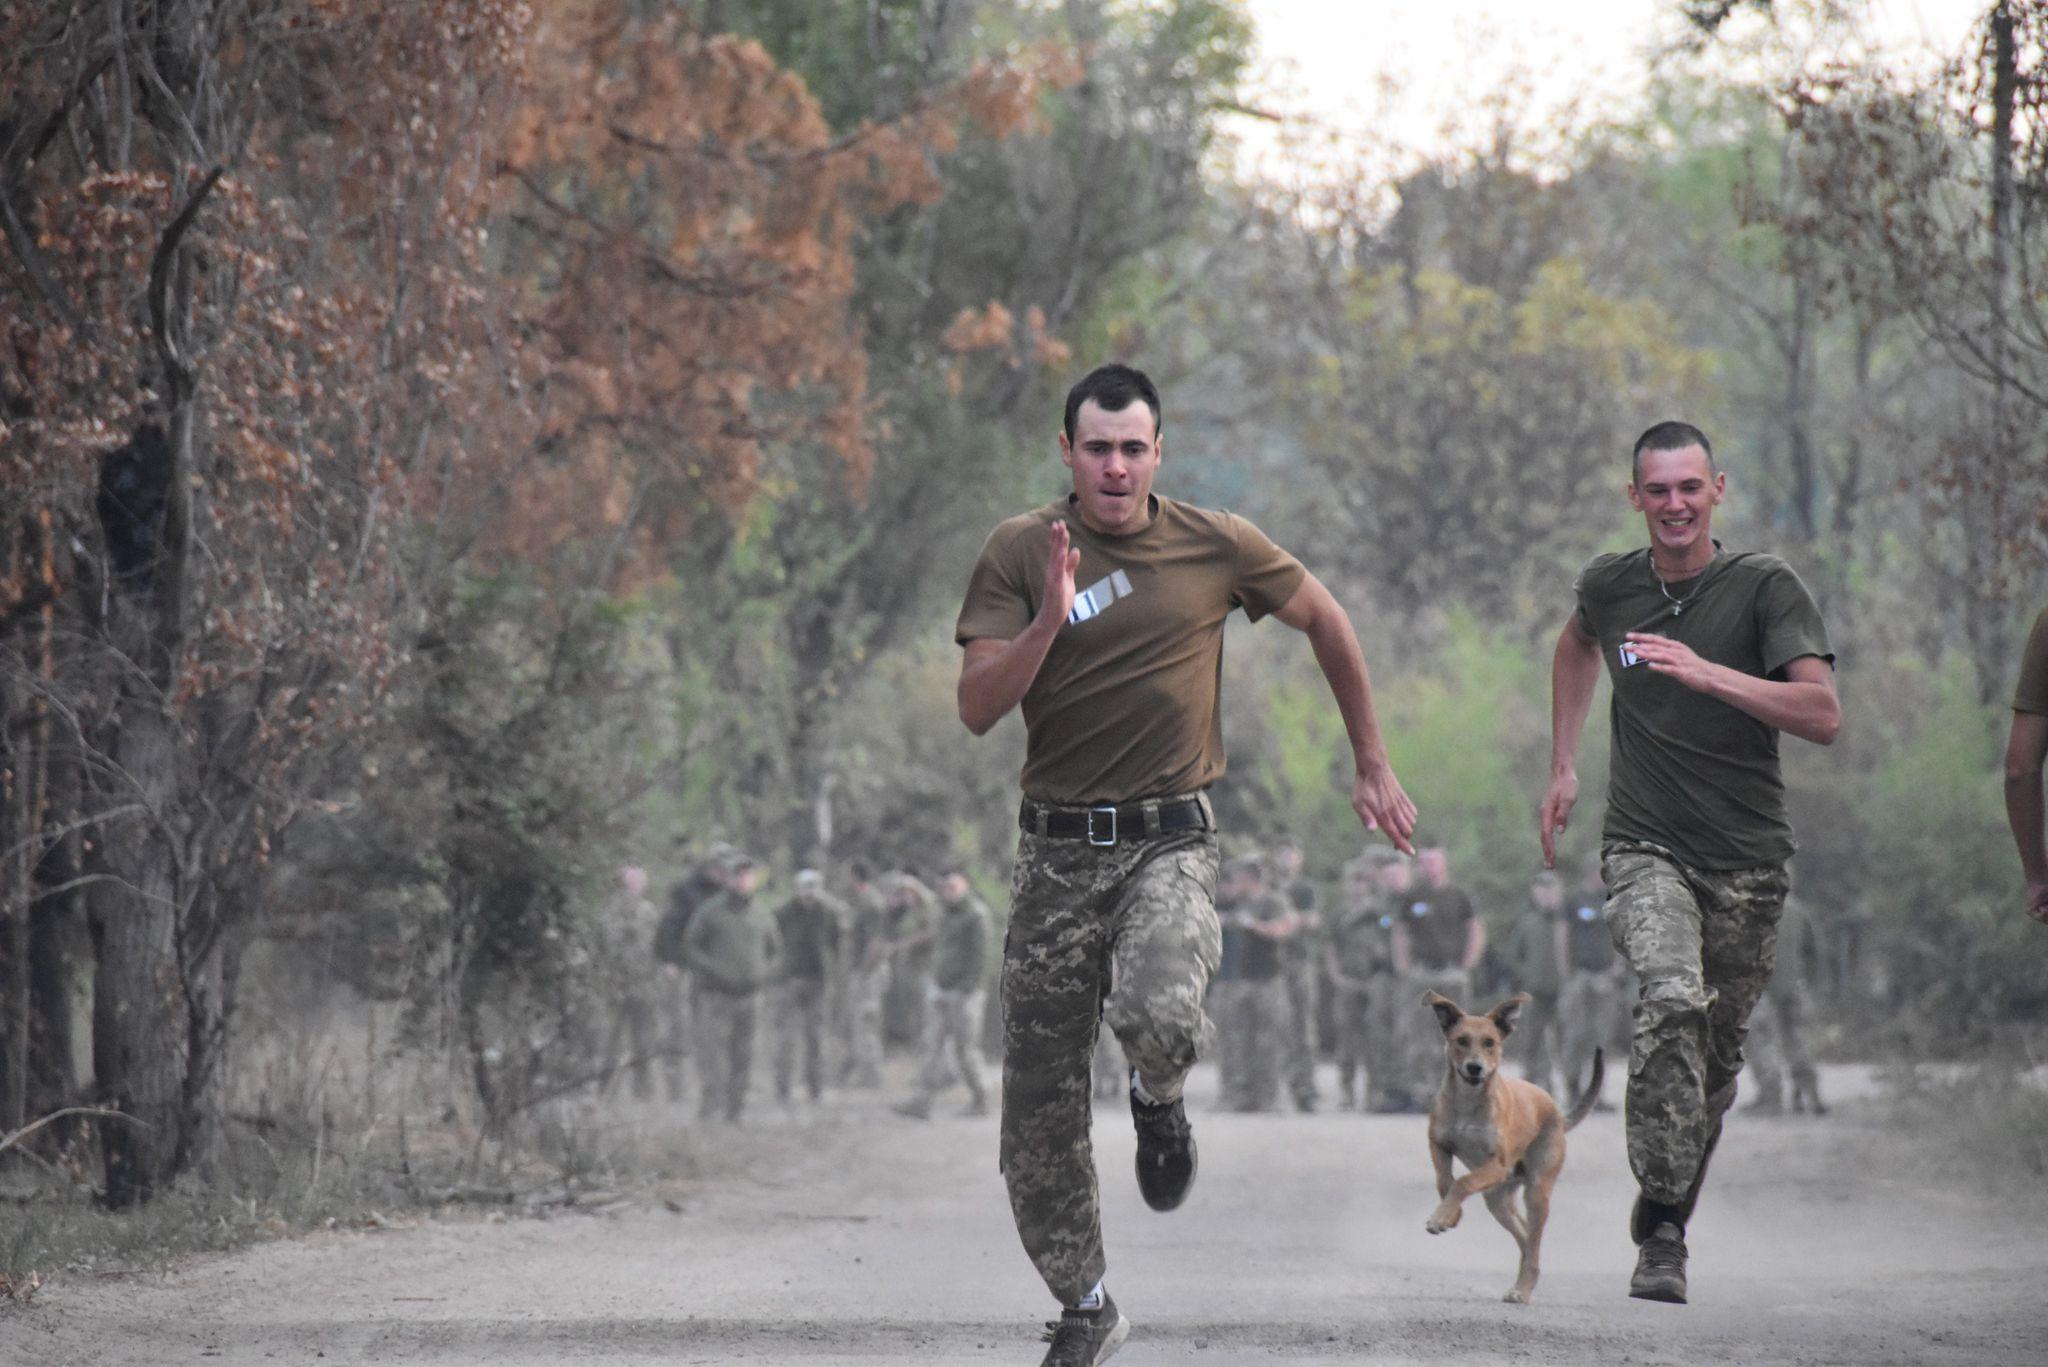 Ко Дню домашних любимцев украинские военные опубликовали фото животных с передовой - они невероятно милые - фото 4